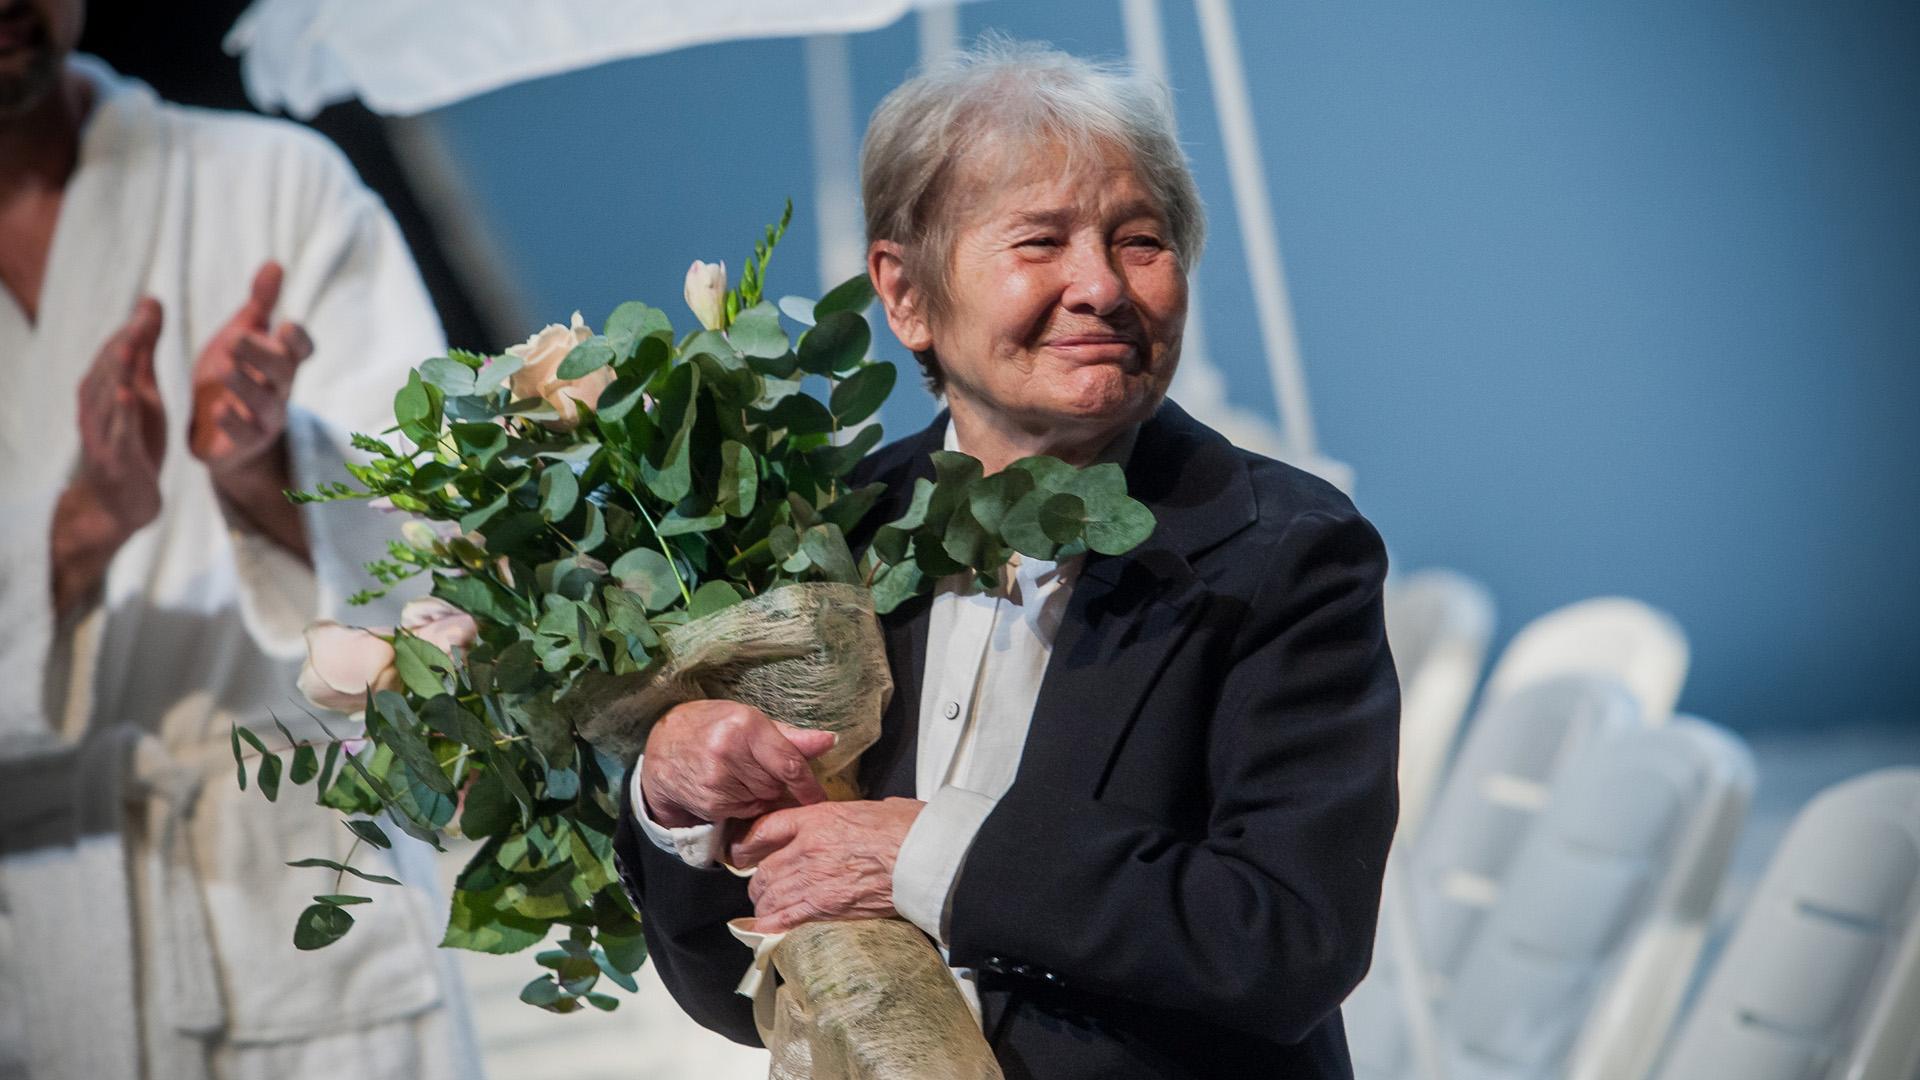 Törőcsik Mari színművésznőt köszöntötték 79. születésnapja alkalmából a Nemzeti Színház színpadán (Fotó: Birton Szabolcs)